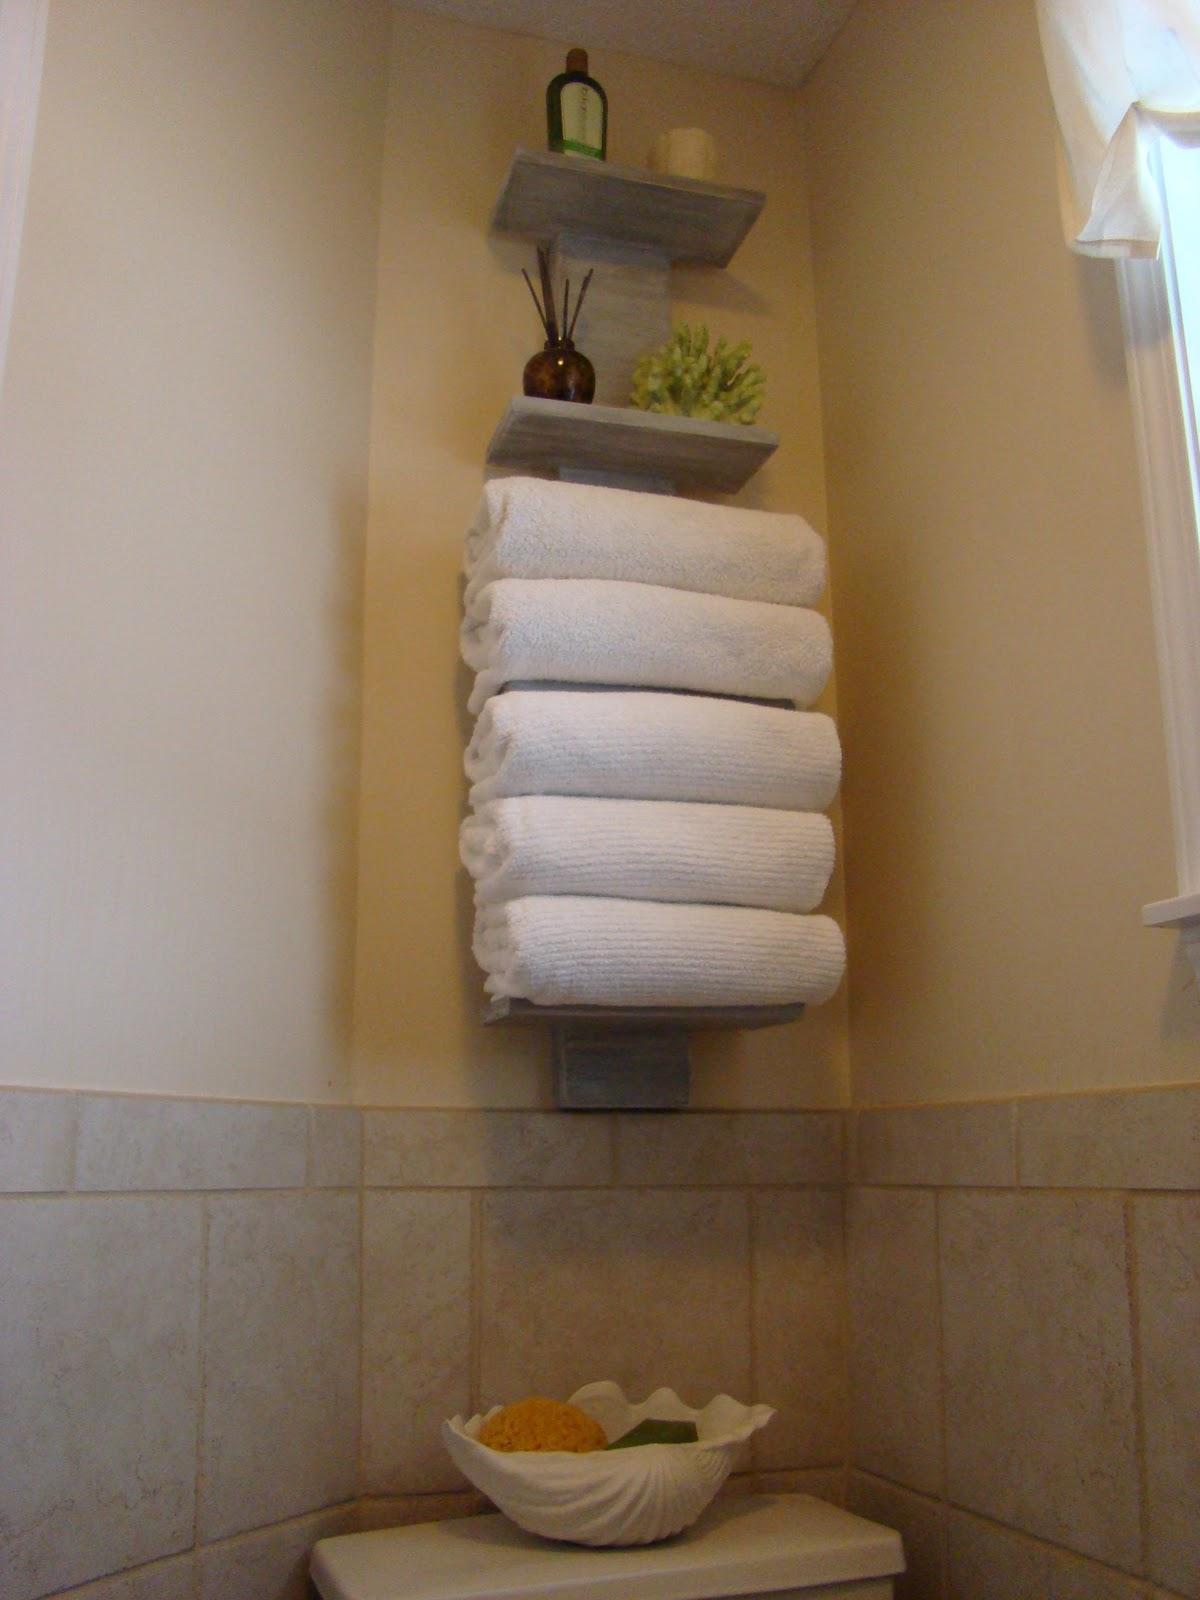 My Bath Finally Gets Some Towel Storage